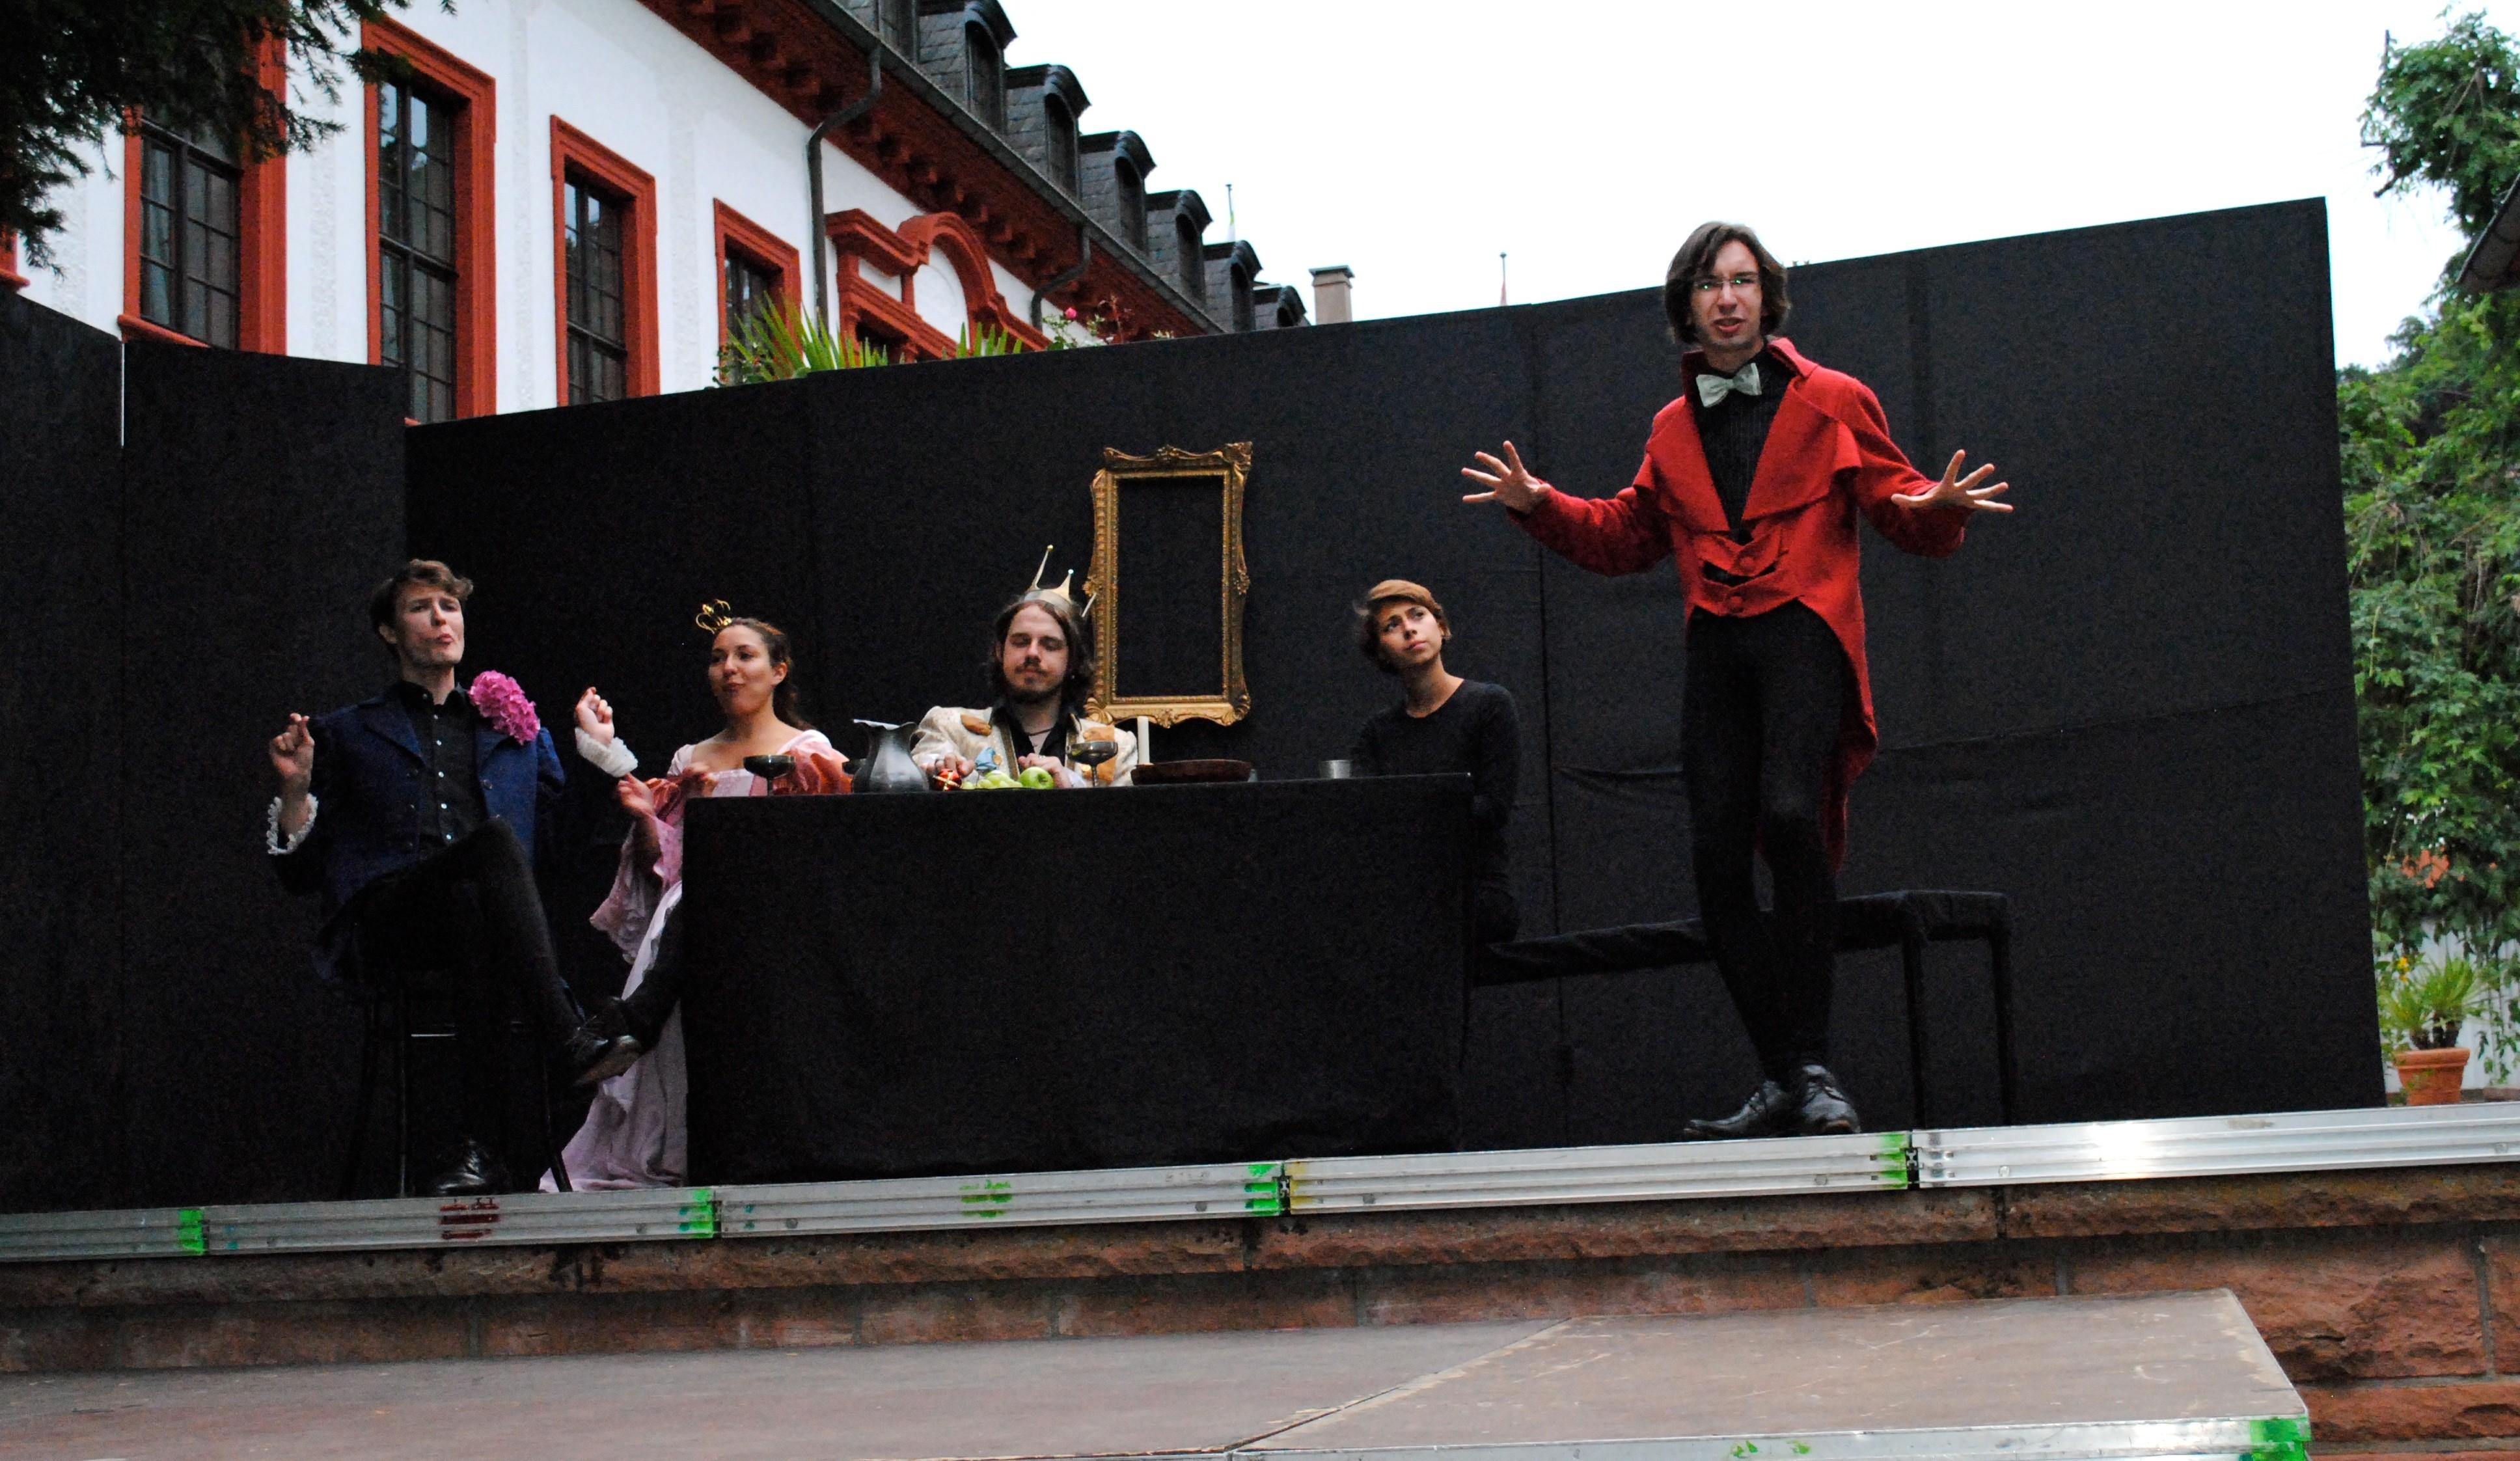 """Die Theatergruppe """"Vogelfrei"""" präsentiert jedes Jahr deutschsprachige Stücke. Diesmal ist der """"gestiefelte Kater"""" nach Ludwig Tieck an der Reihe. Foto: Christina Bauernfeind"""